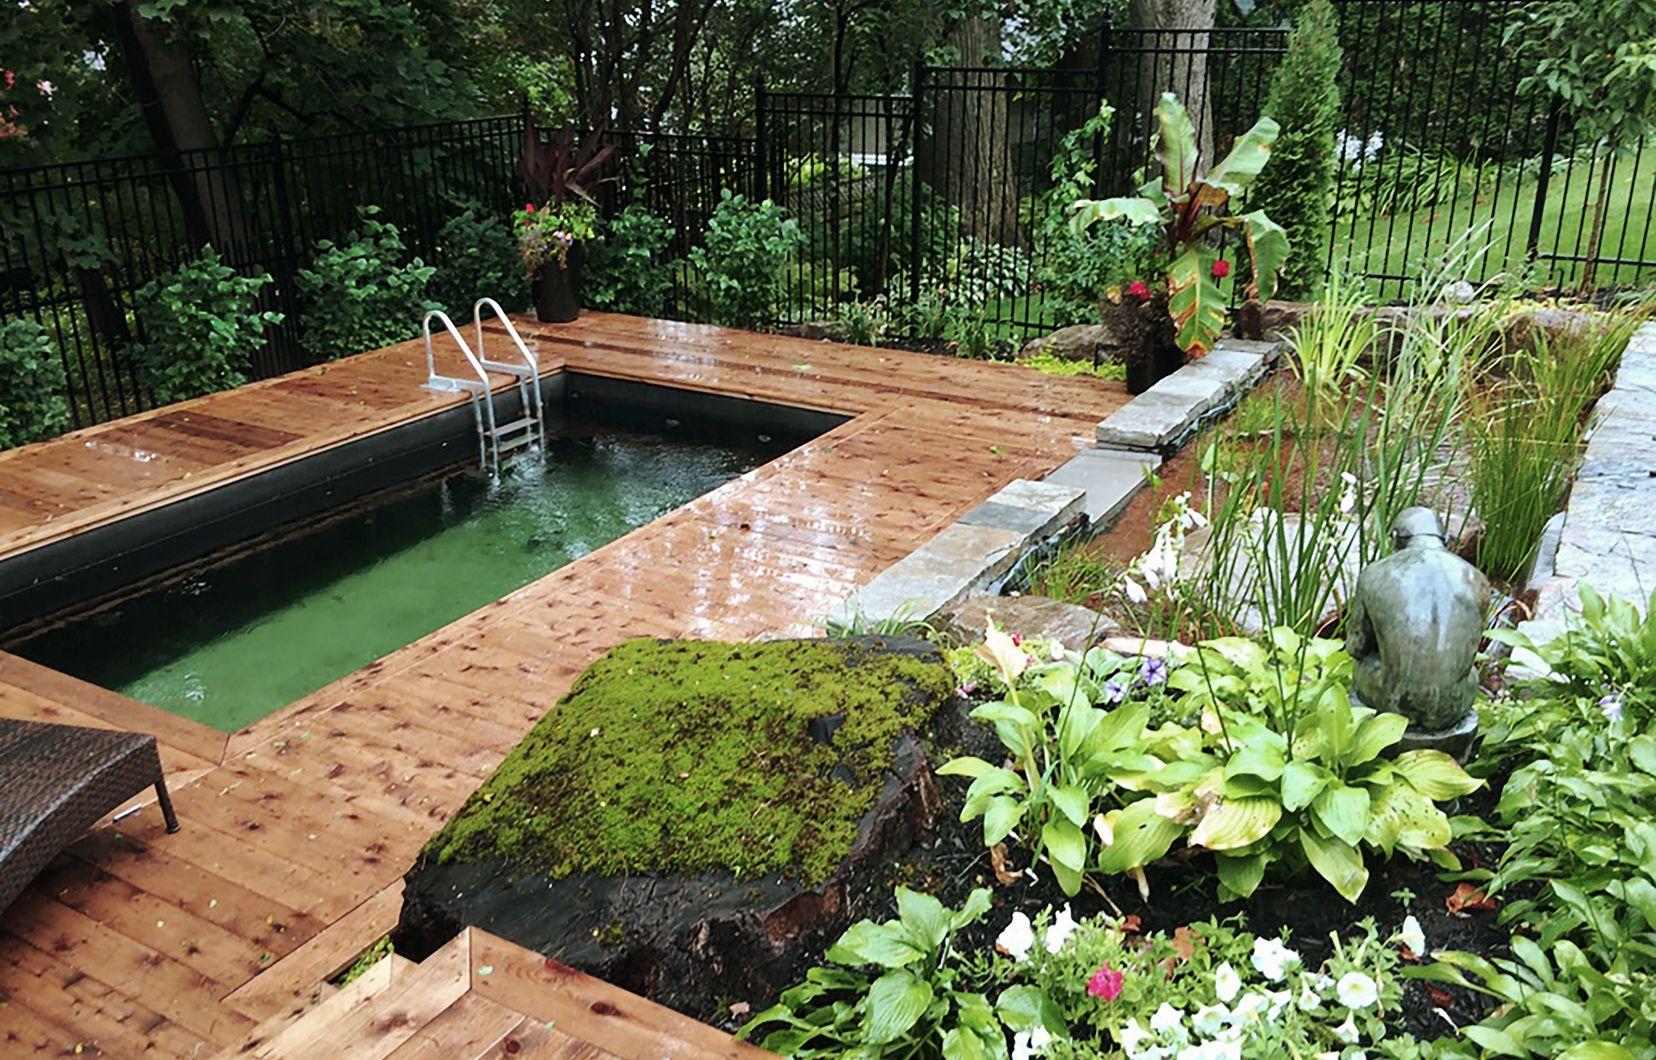 Jardin: La Piscine Naturelle Et L'étang De Baignade | Le Devoir serapportantà Piscine Naturelle En Kit